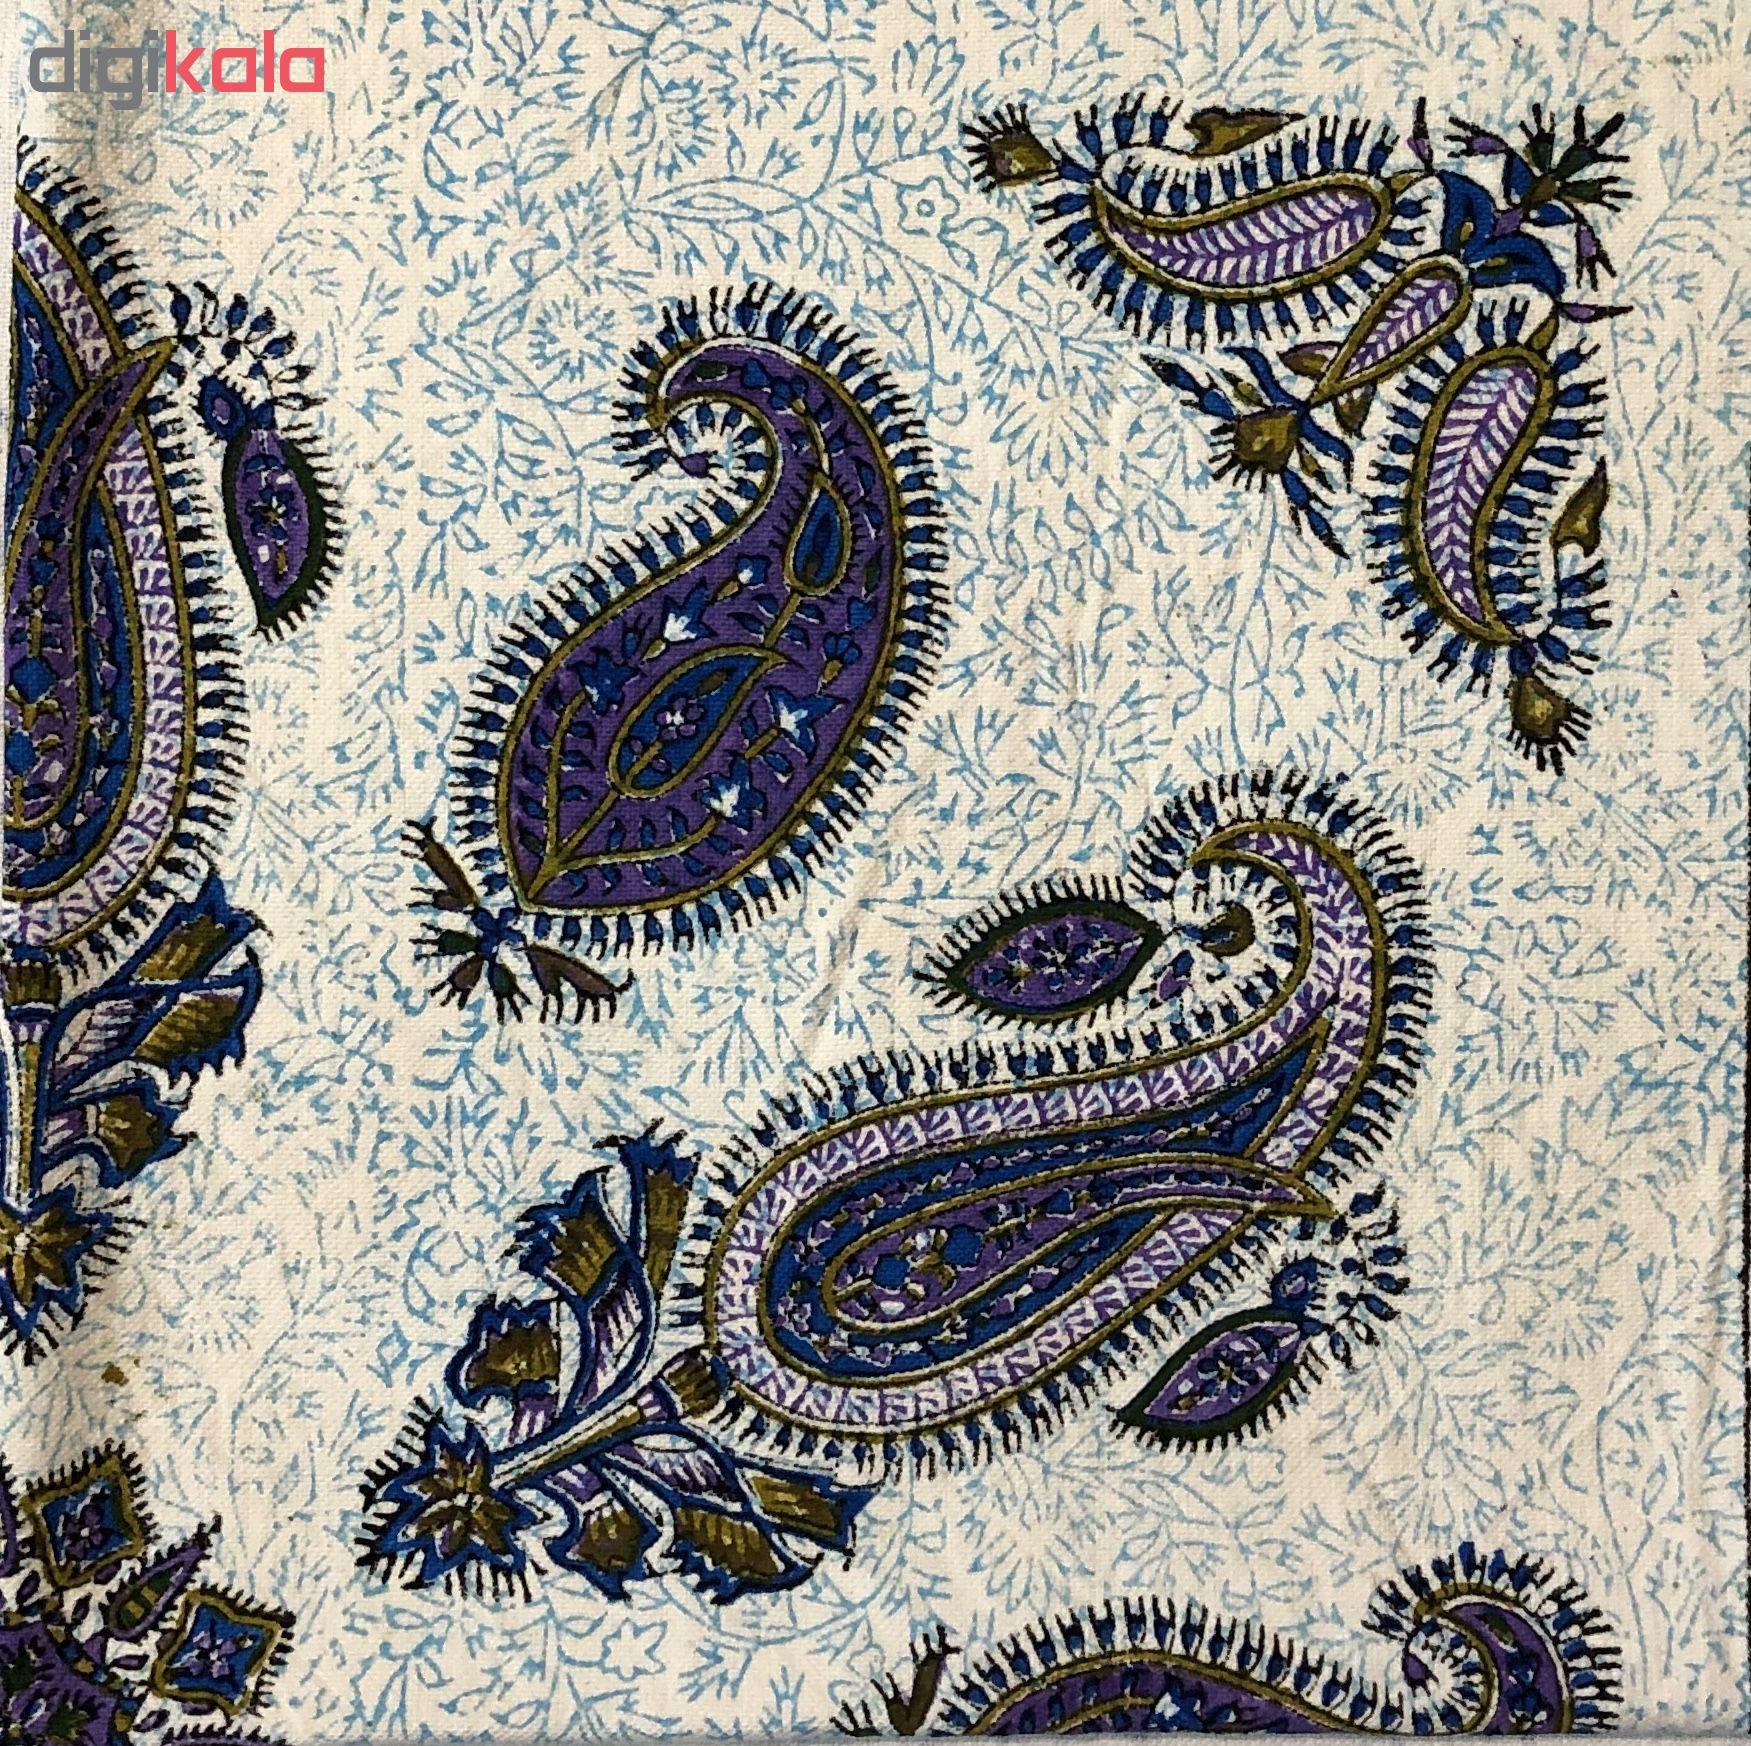 رومیزی قلمکار ممتاز اصفهان اثر عطريان طرح بته جقه یاسی مدل G134سایز 80*80